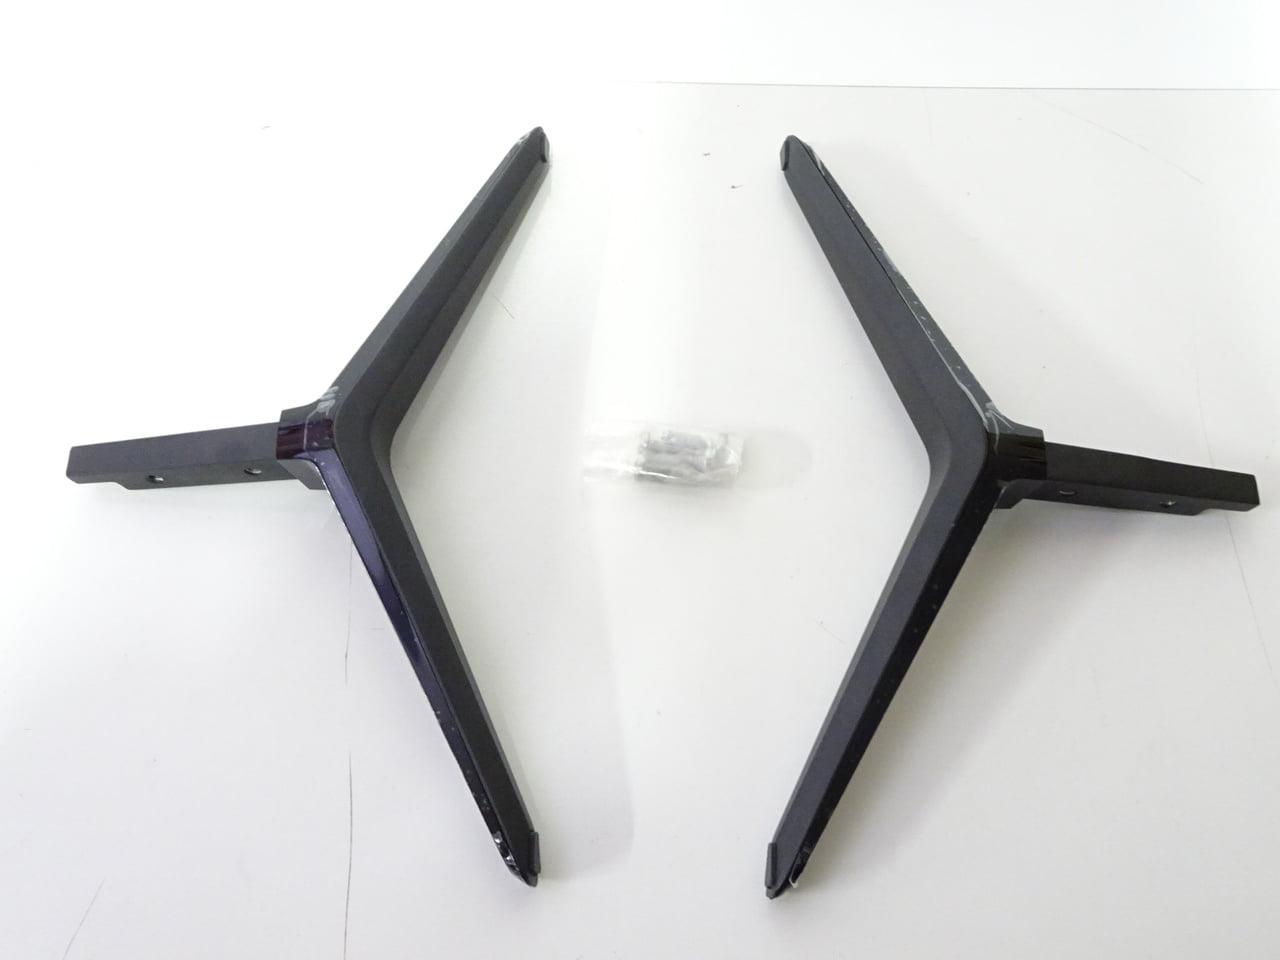 New Vizio E70-C3 Stand Legs W//Screws